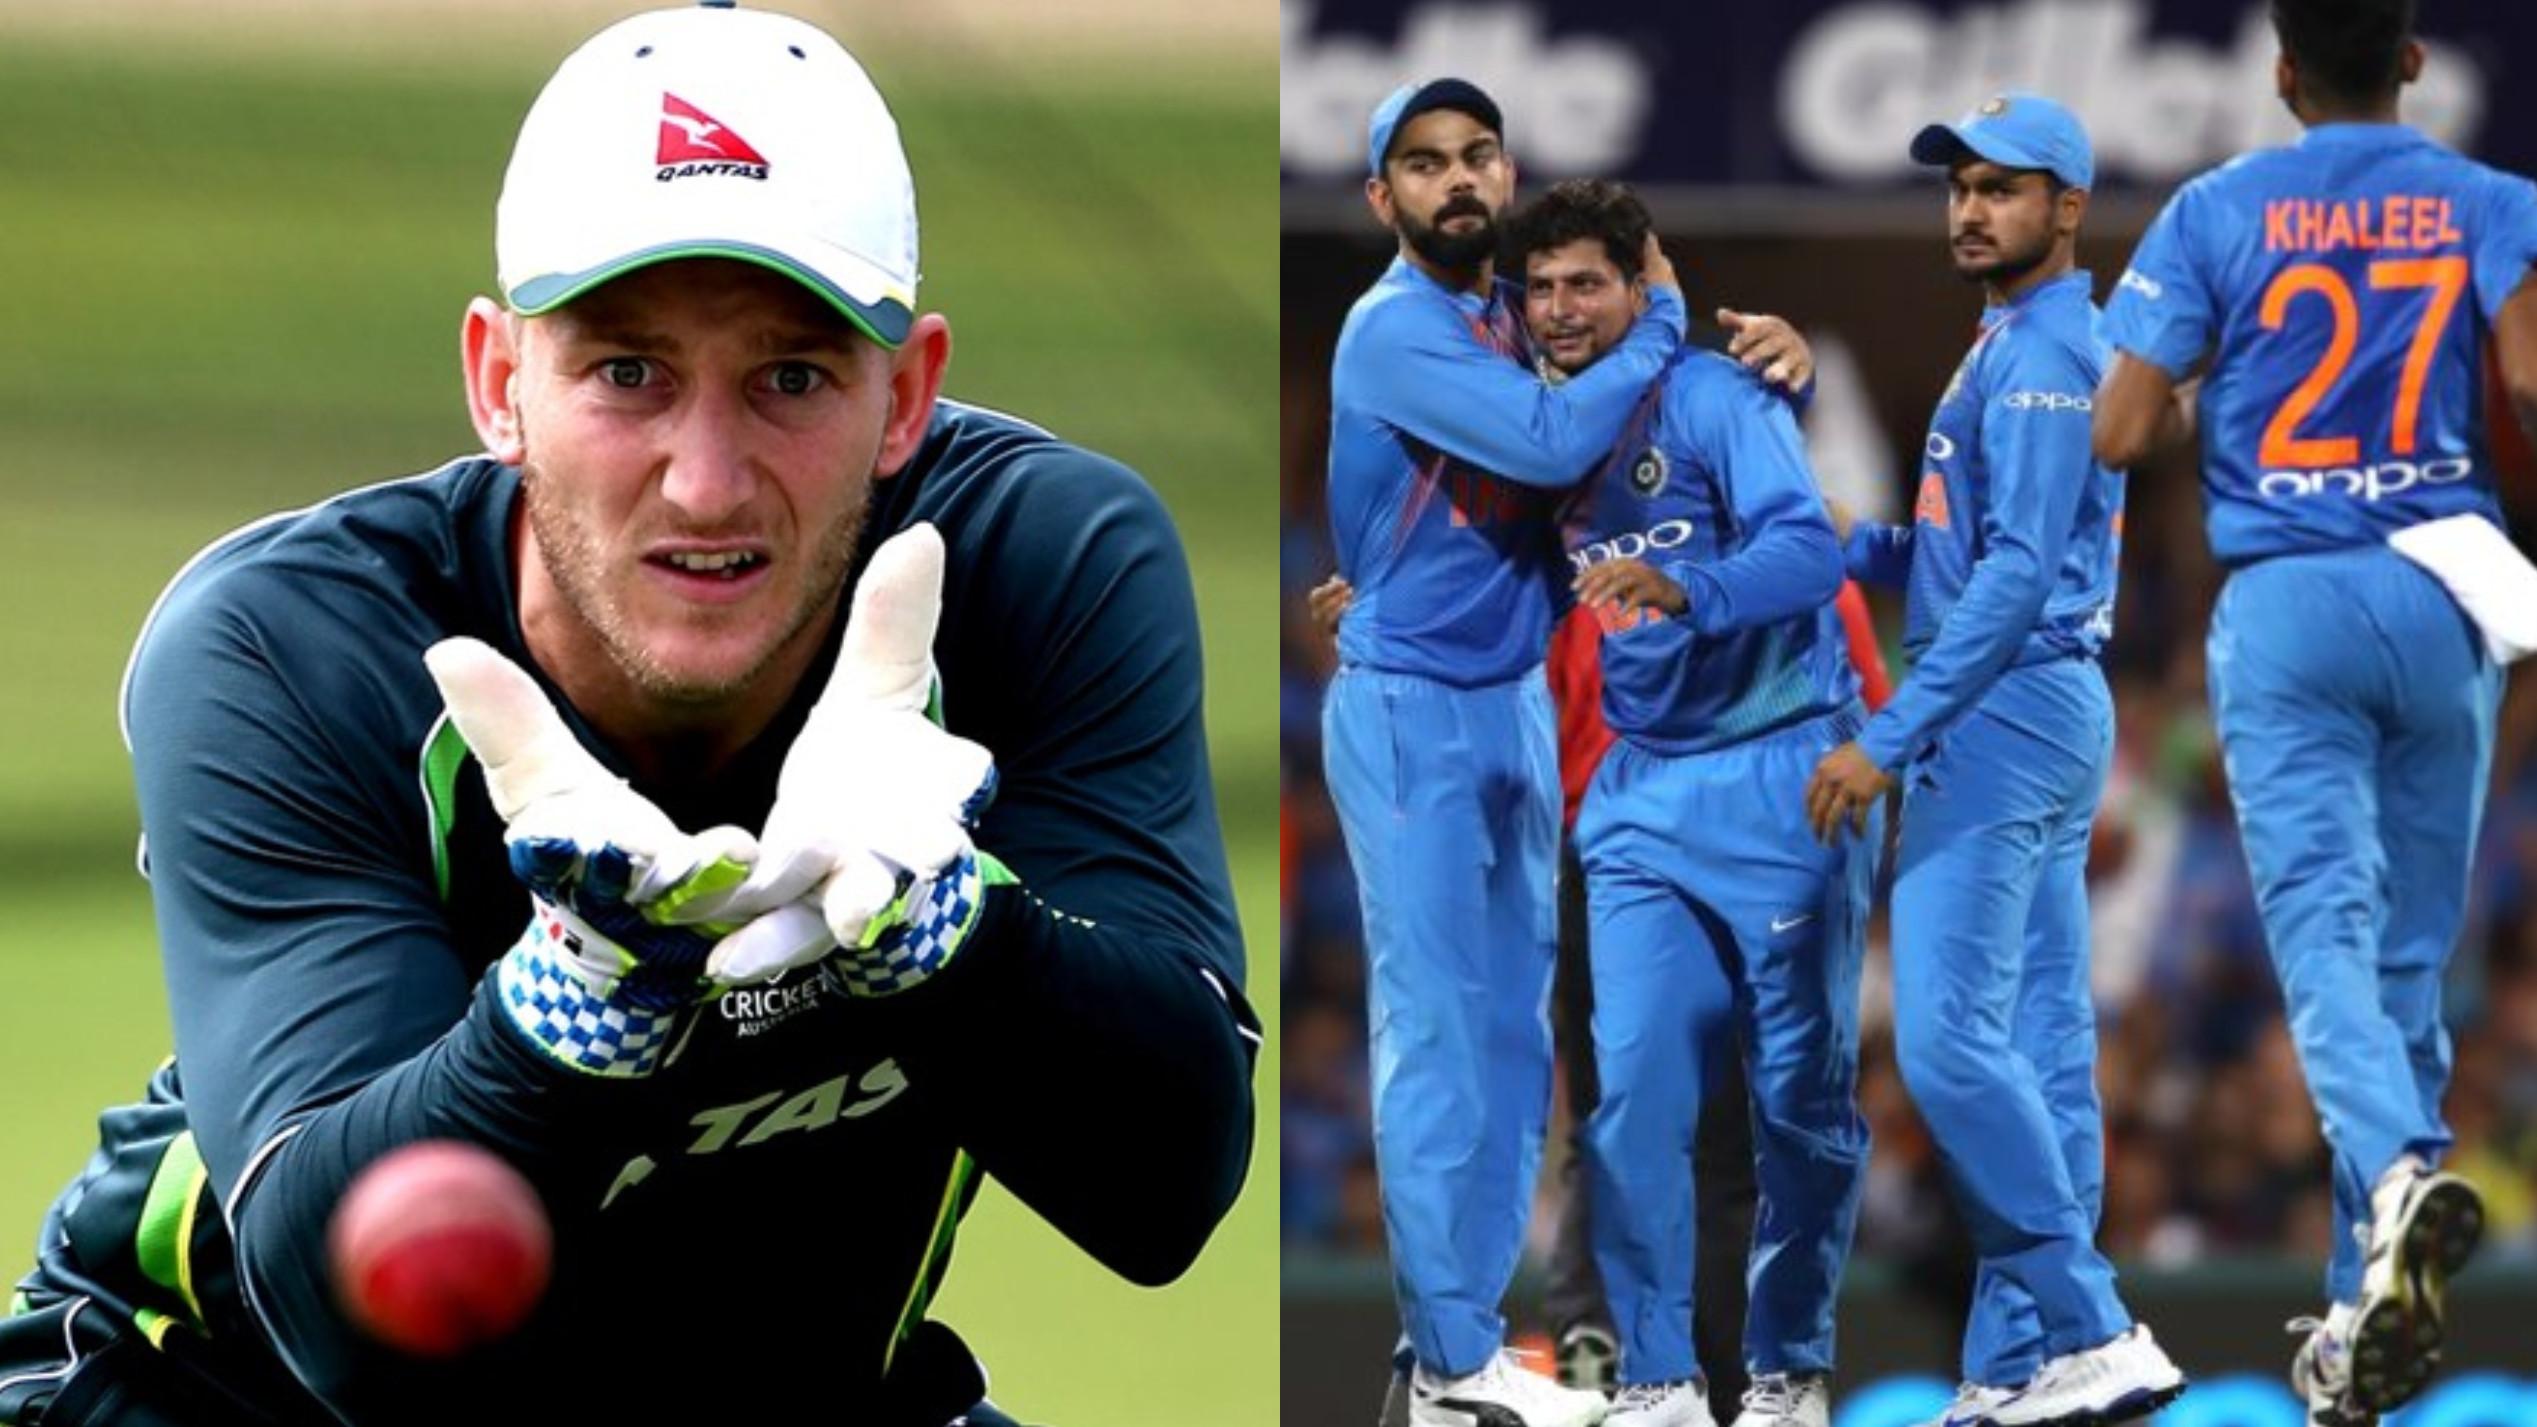 AUS v IND 2018-19: पीटर नेविल के अनुसार ऑस्ट्रेलियाई तेज़ गेंदबाज़ विराट कोहली की टीम के लिए चुनौती साबित होंगे